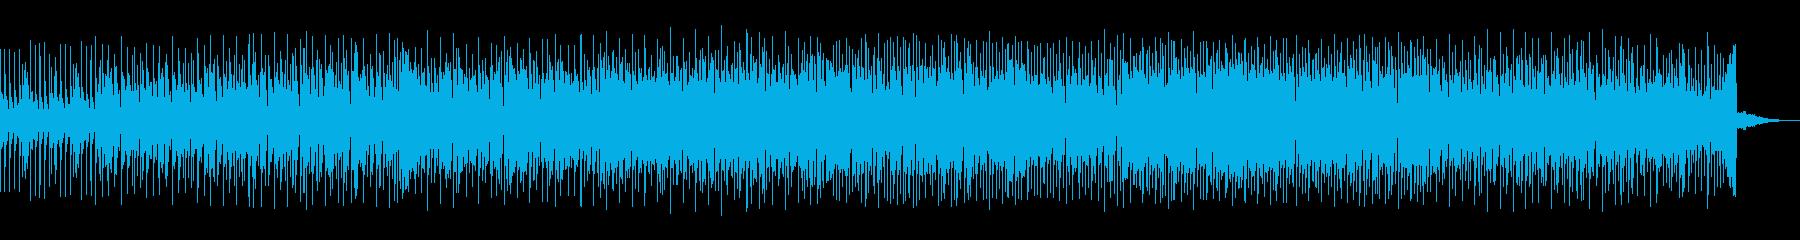 軽快なリズムと爽快感テクノの再生済みの波形